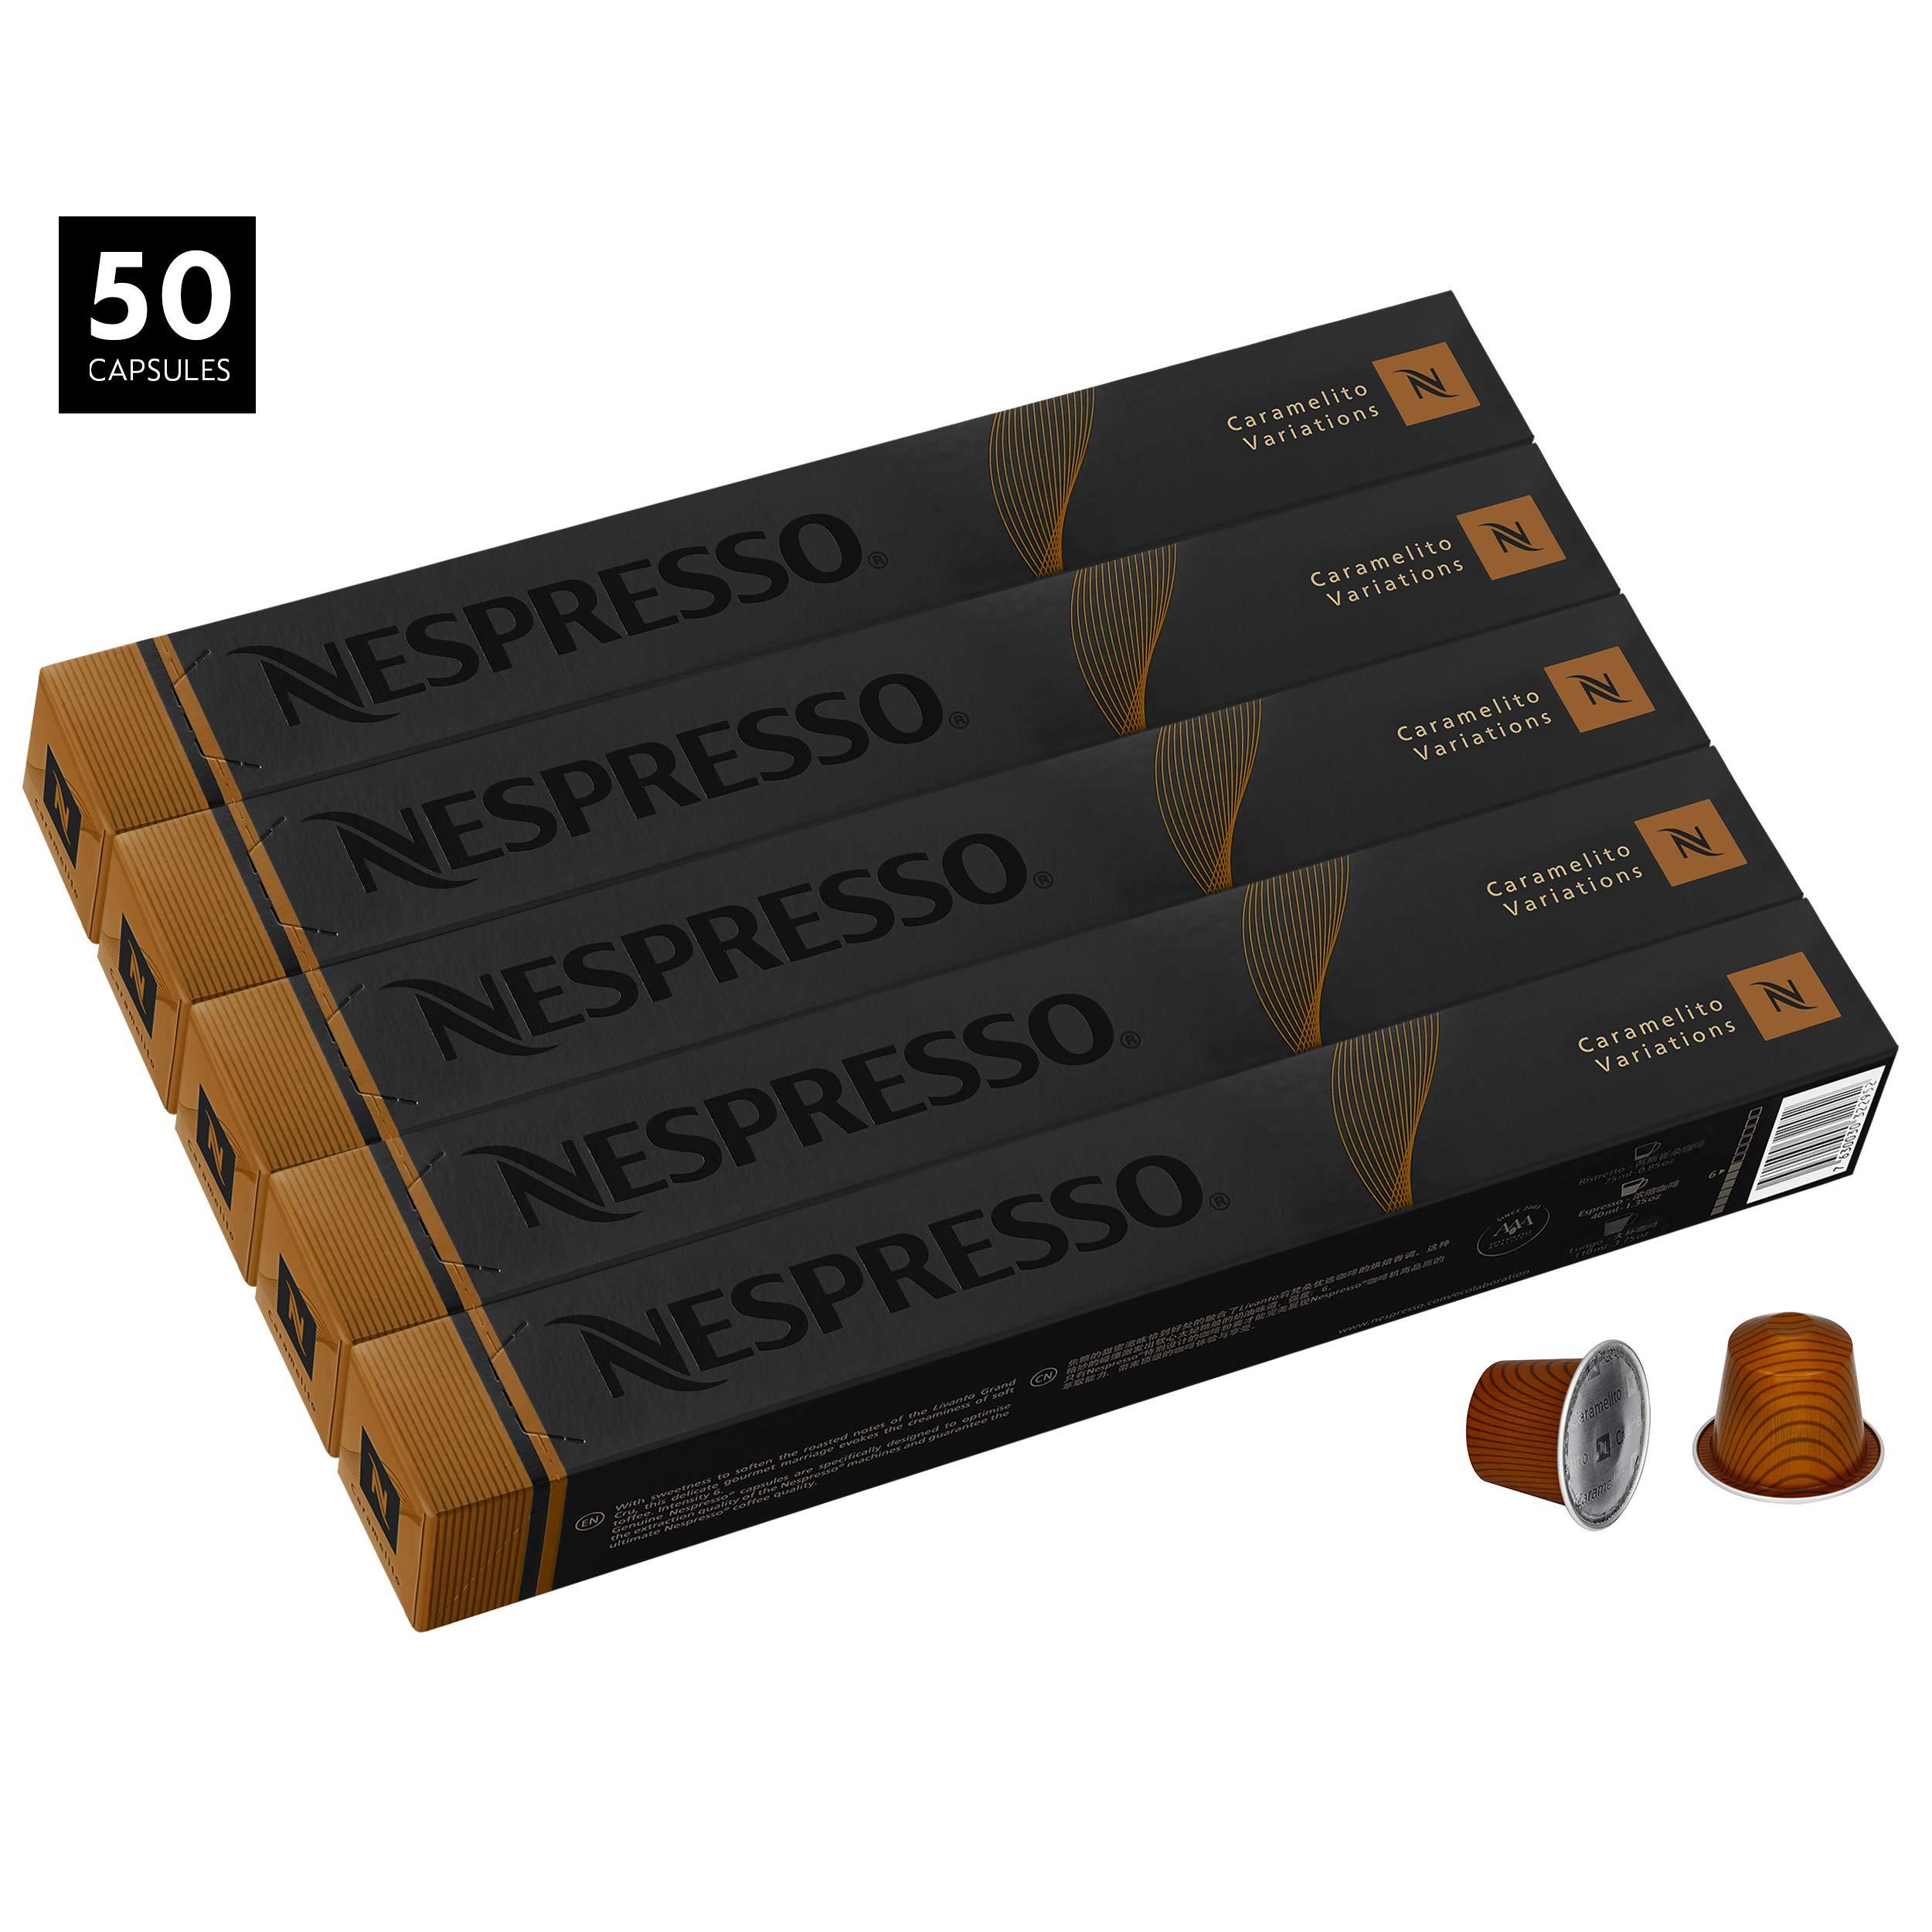 Nespresso Caramelito Capsules for OriginalLine by Nespresso, 50 Count Espresso Pods, Medium Roast Intensity 6 Blend | South & Central American Arabica Coffee Flavors